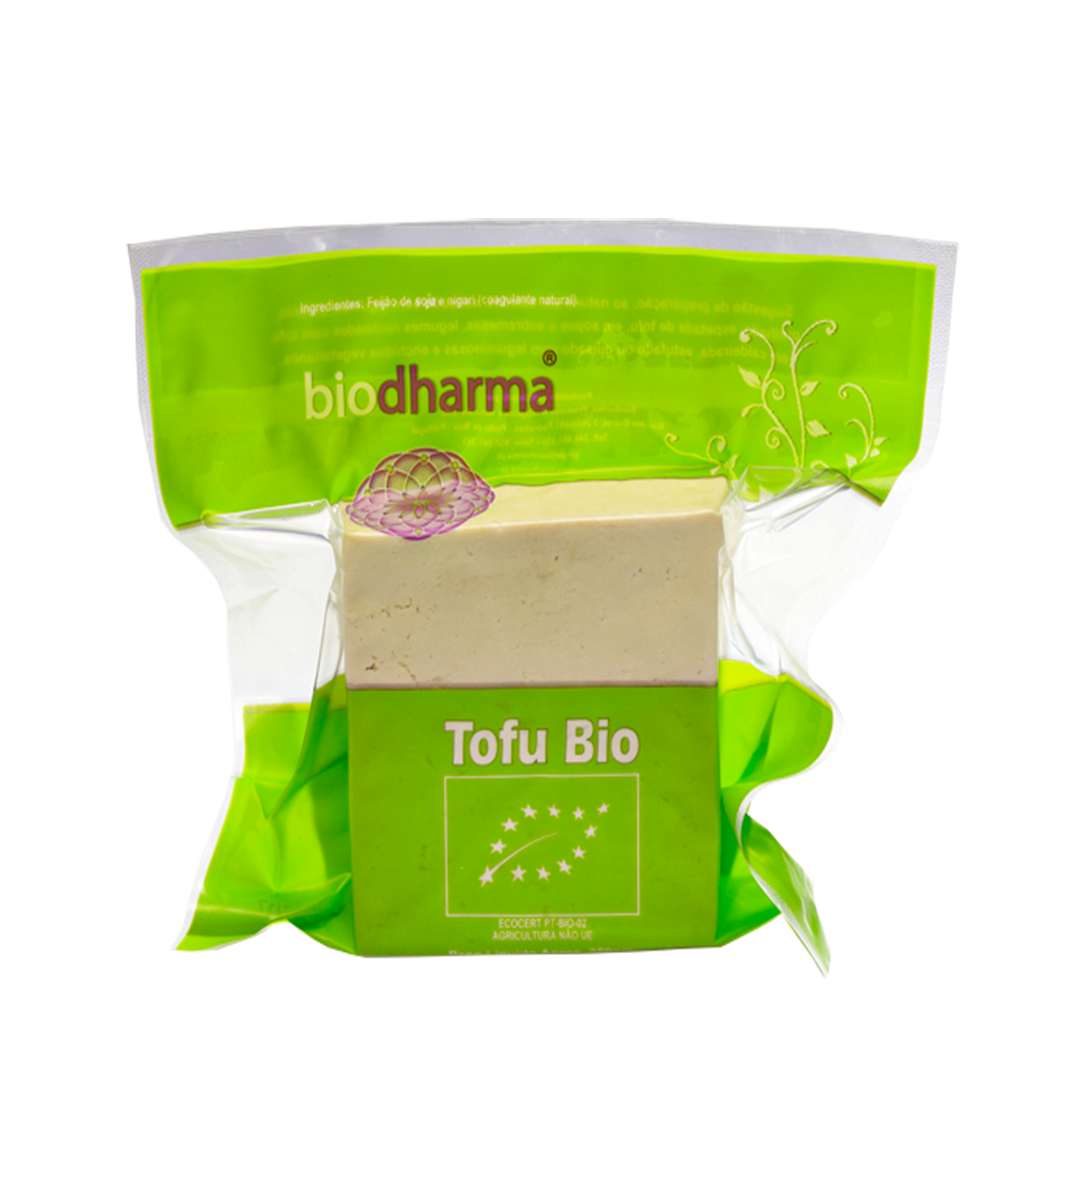 Tofu Bio